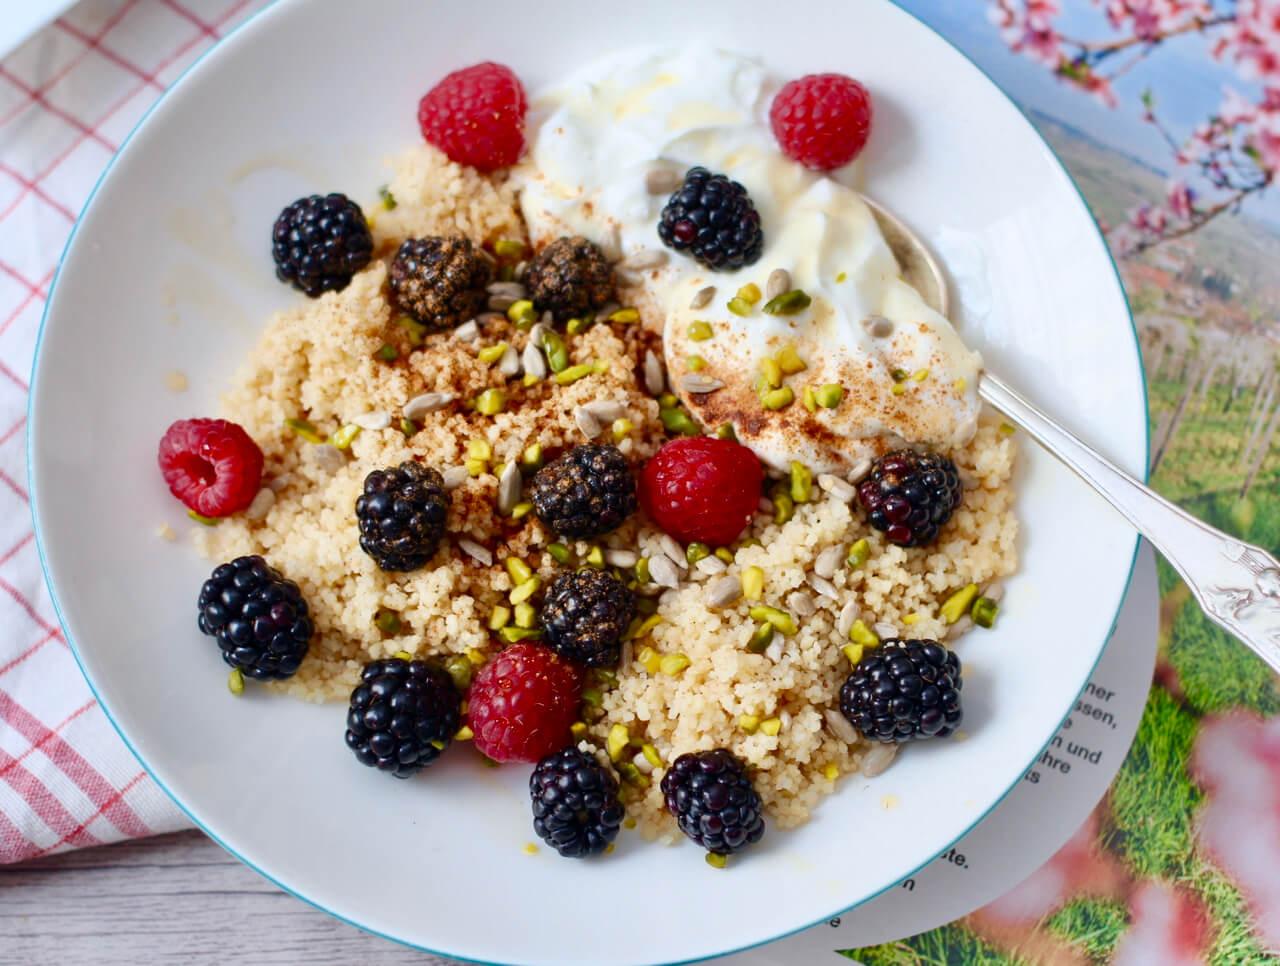 Veganer Frühstücks Couscous mit Beeren und Joghurt